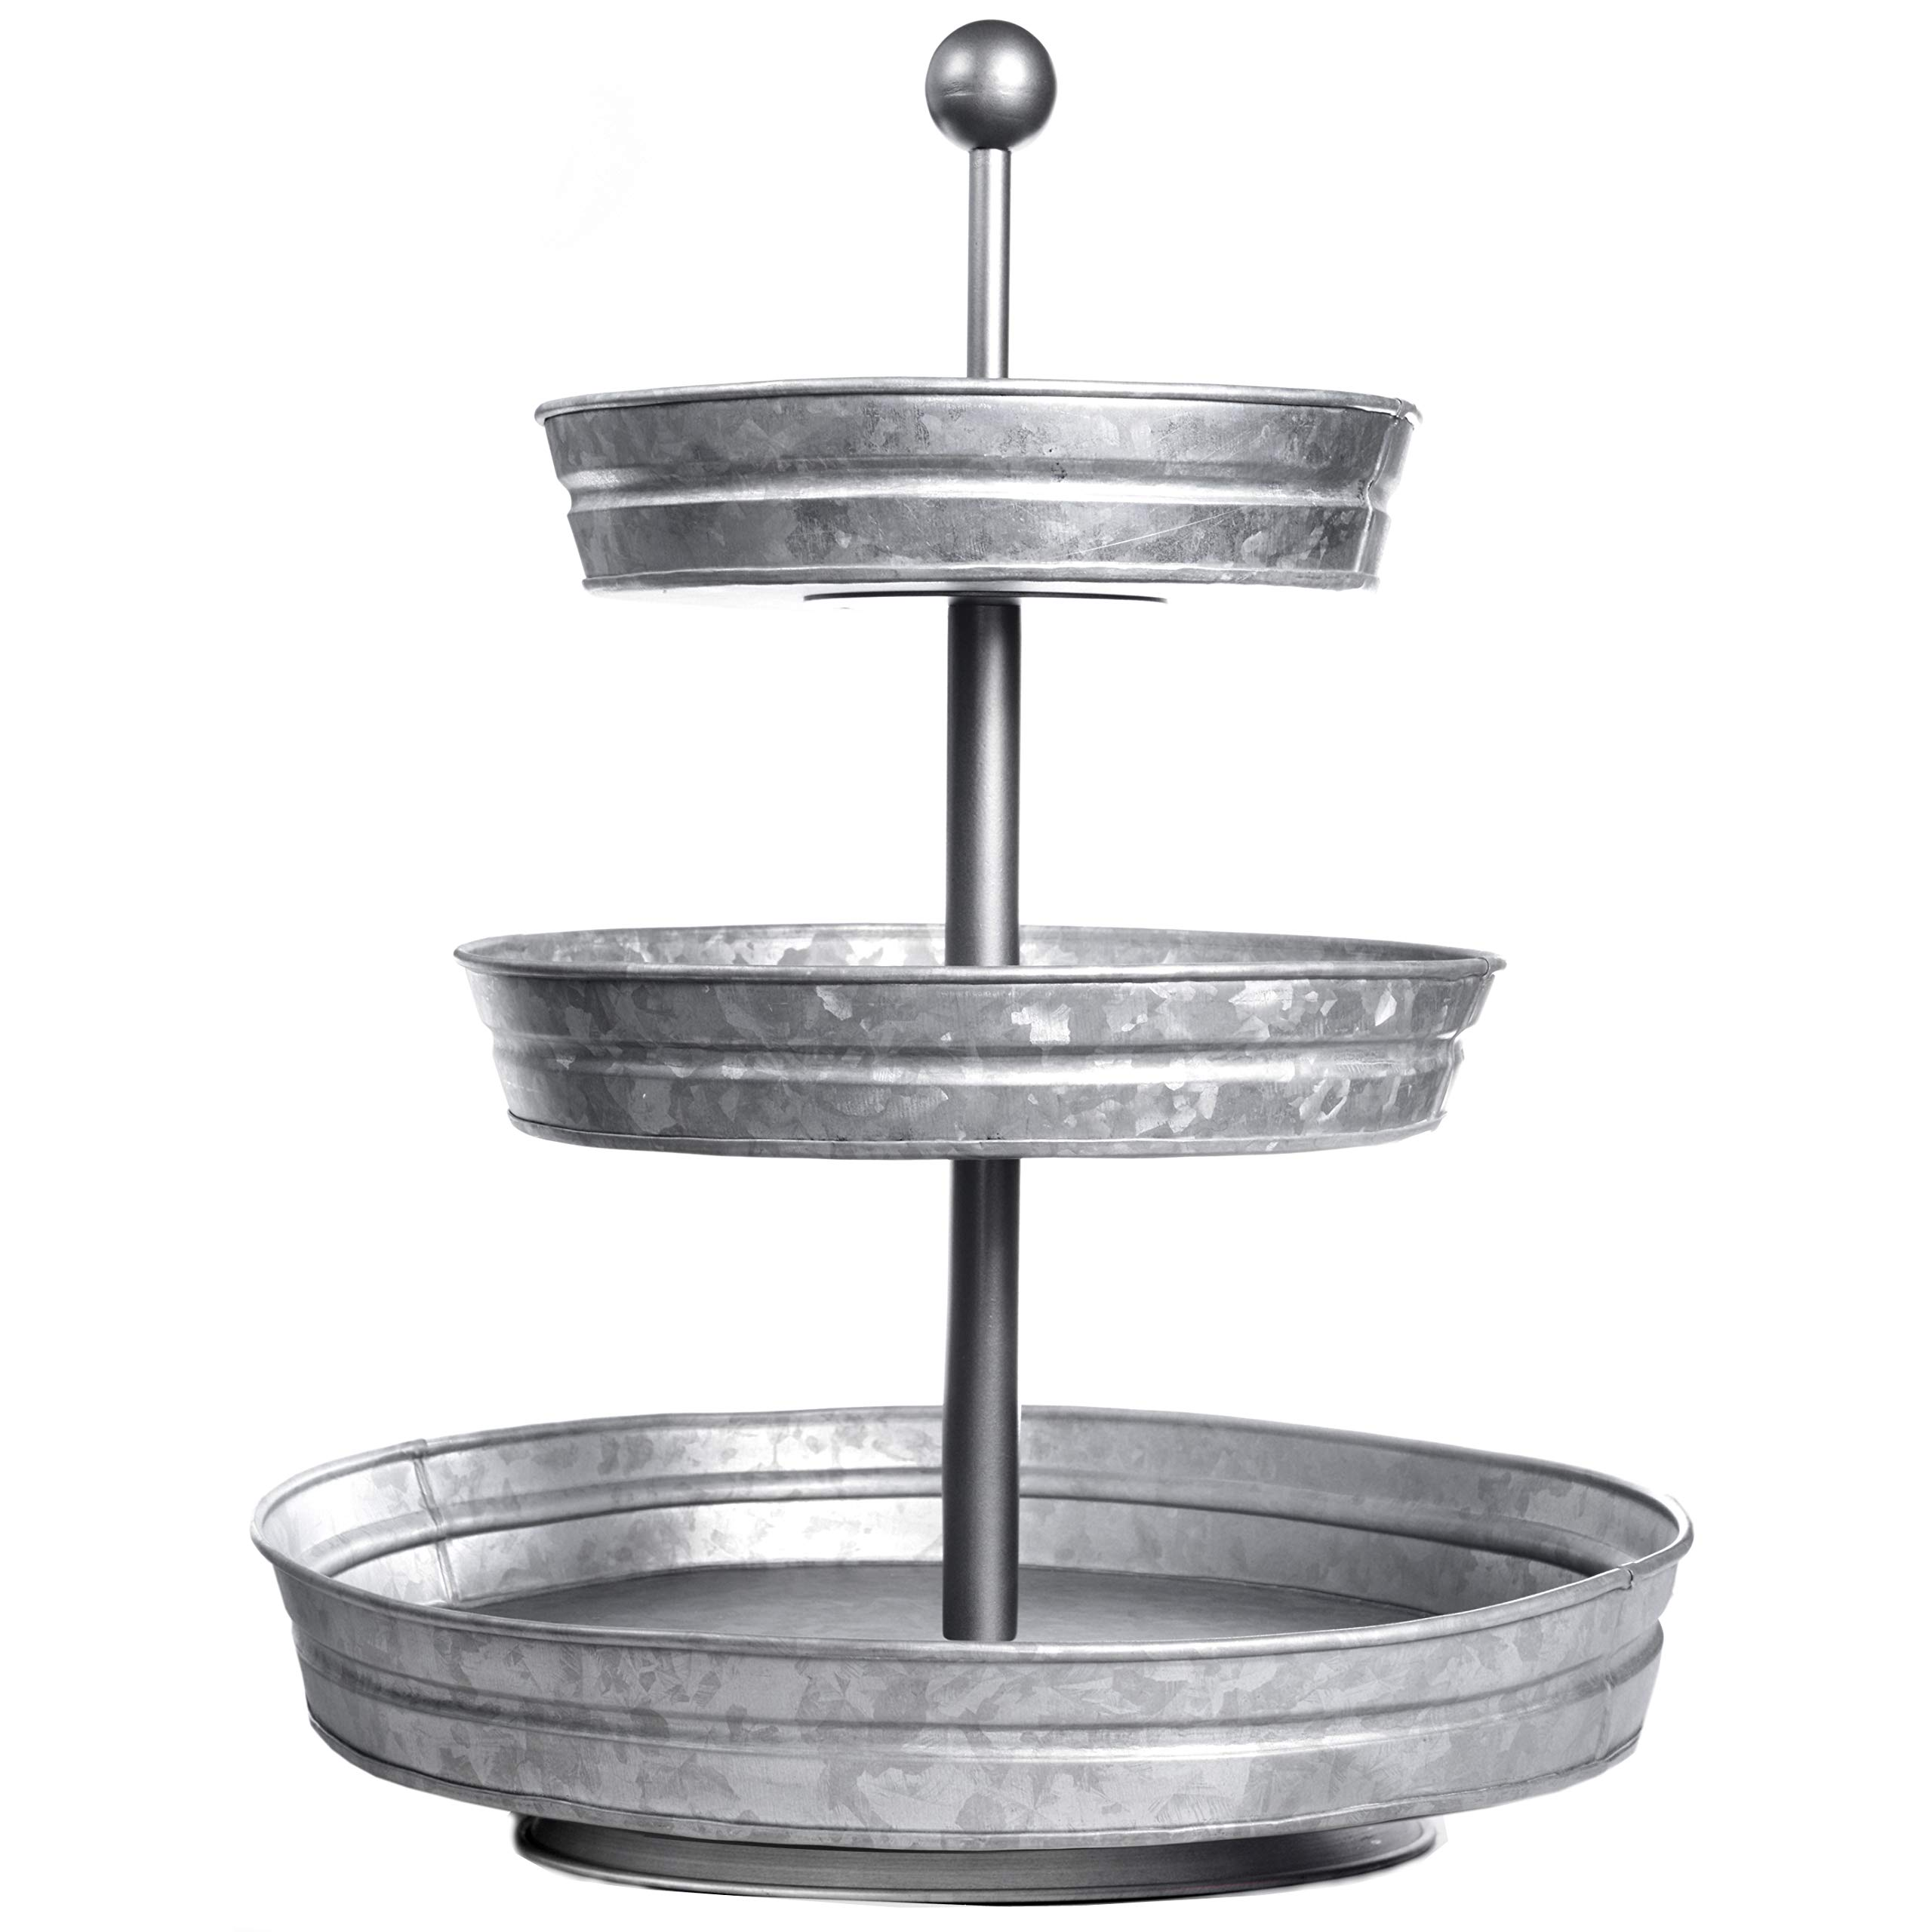 DELBRIO - 3 Tier Jumbo Serving Tray & Display Stand - Rustic, Decorative Galvanized, Farmhouse Decor by DELBRIO